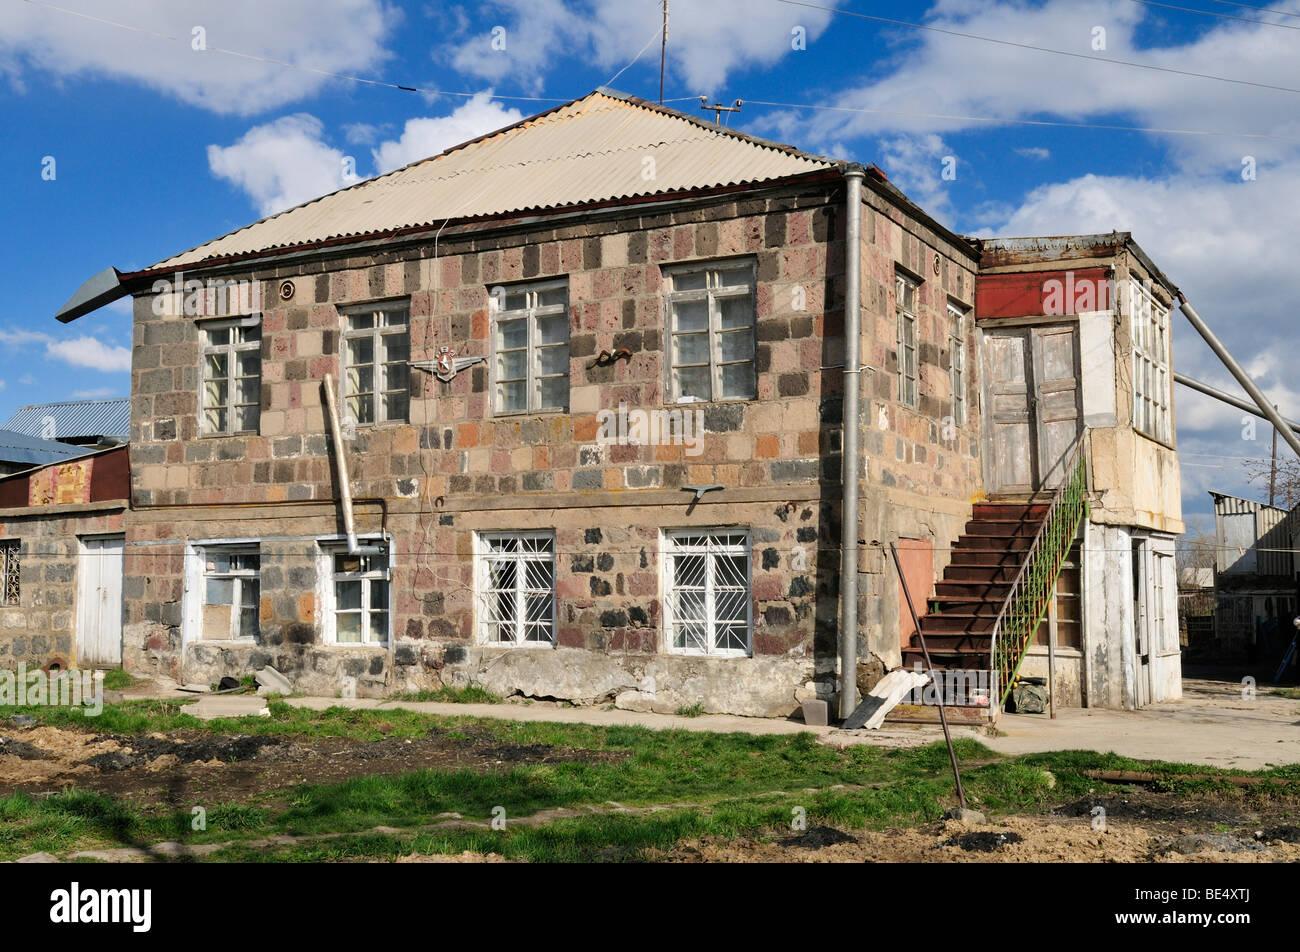 Antiga quinta em uma aldeia de montanha perto de Sisian, Arménia, Ásia Imagens de Stock